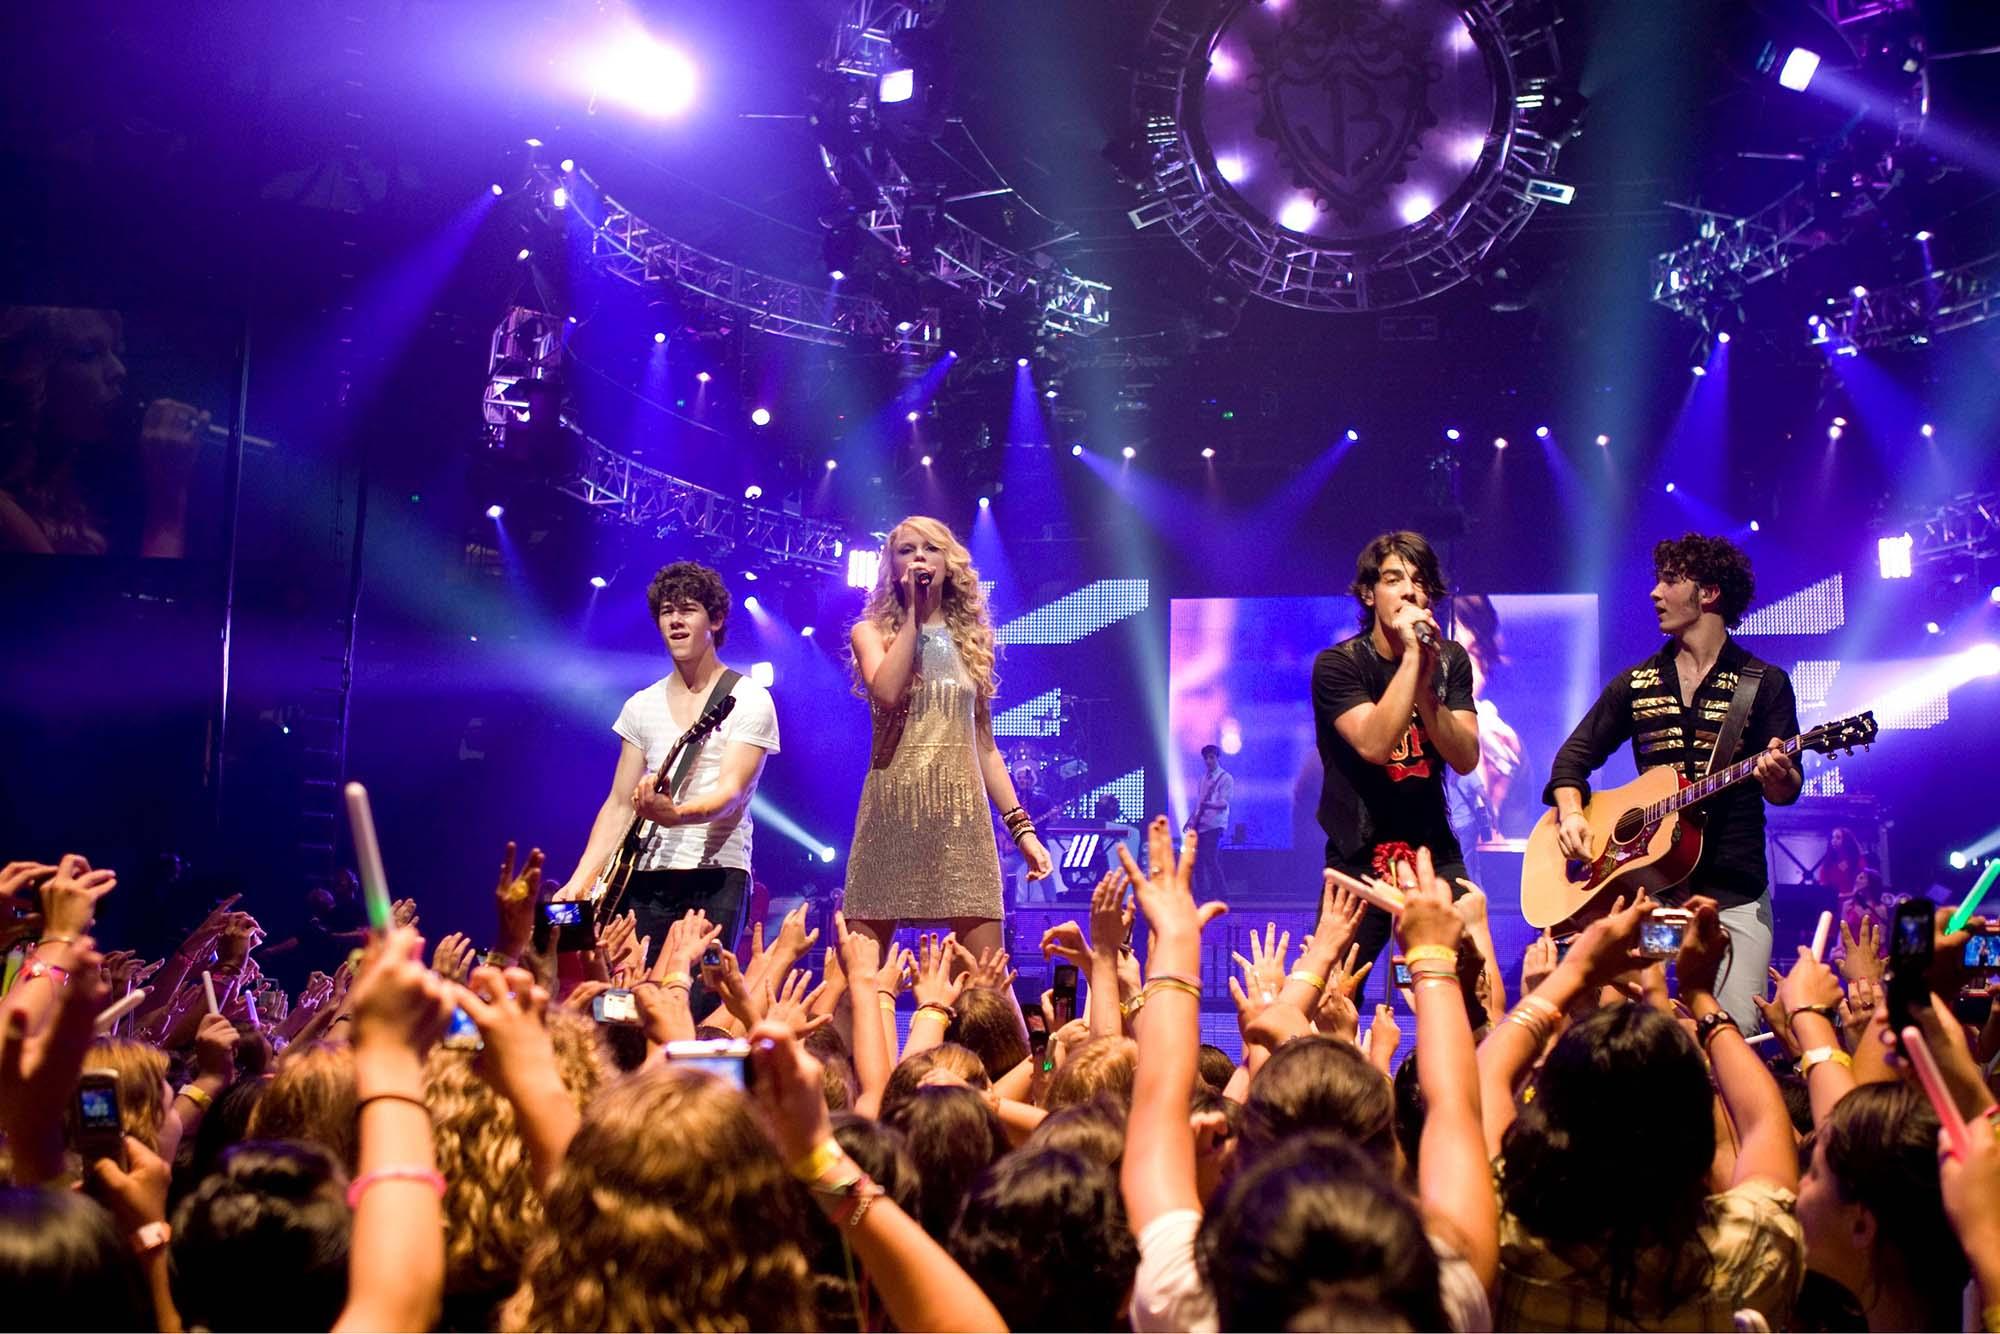 Где заказать билеты на концертные мероприятия в Германии?